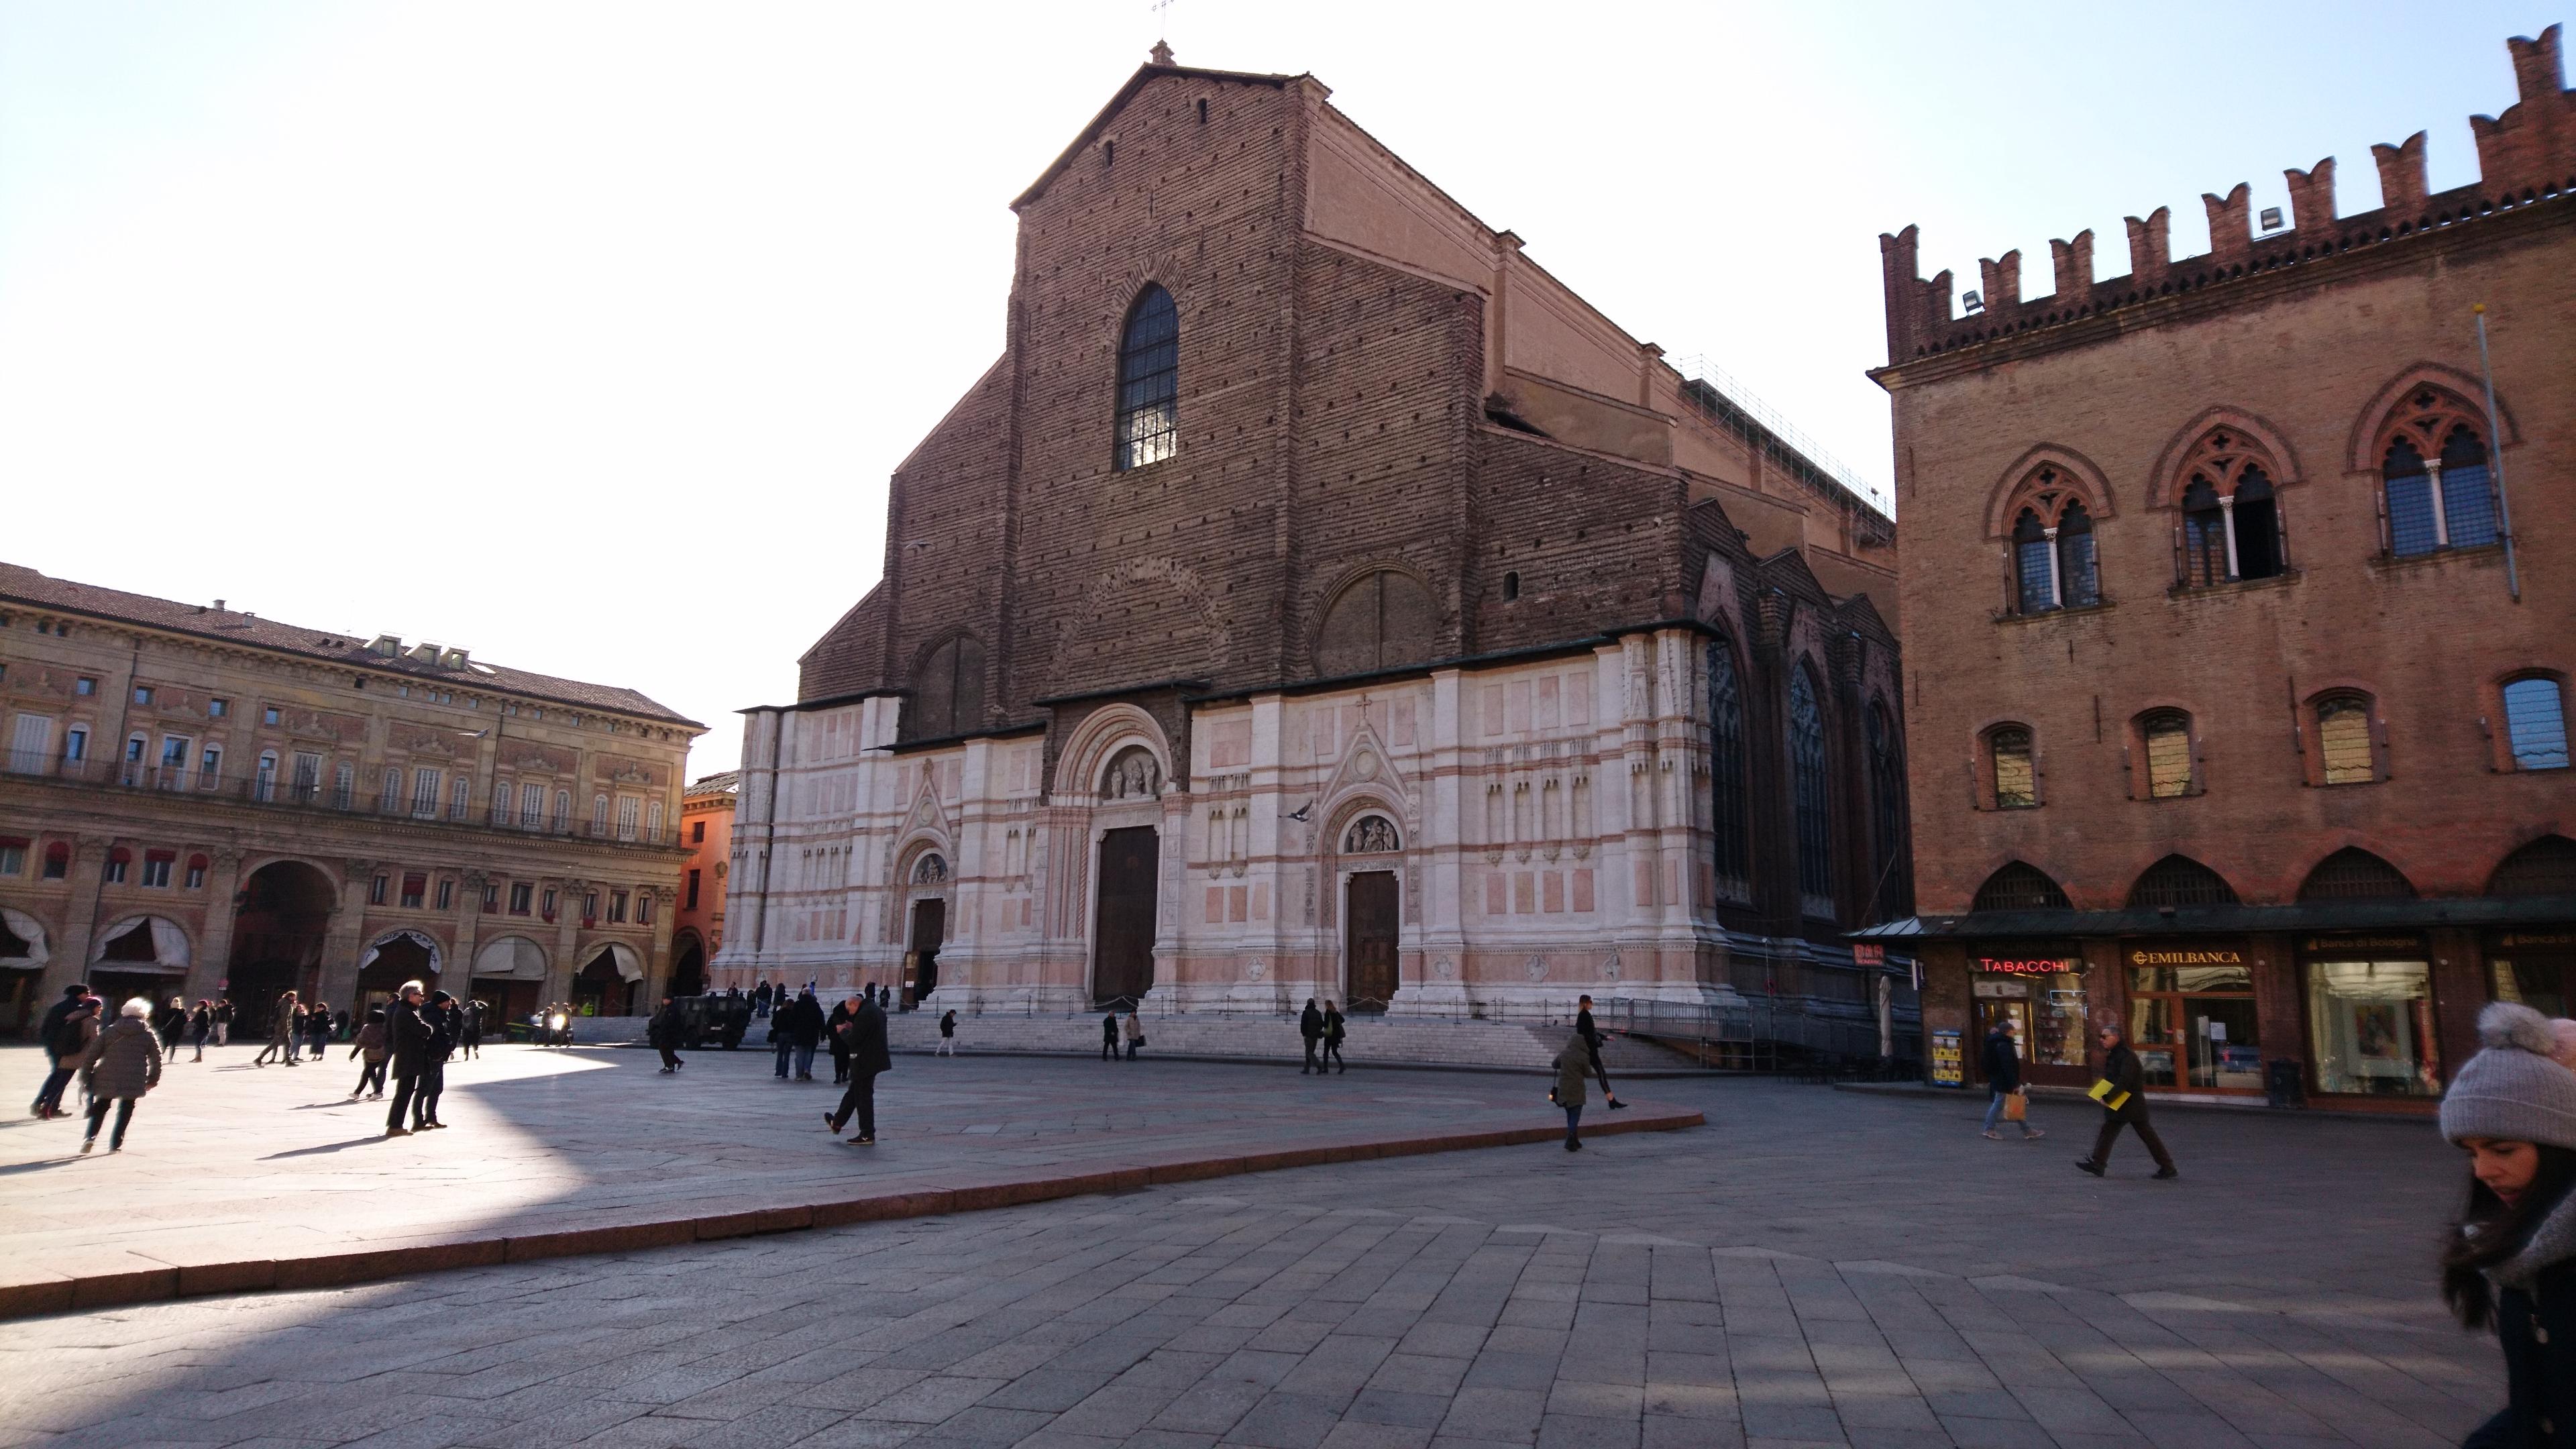 サン・ペトロニオ聖堂の外観